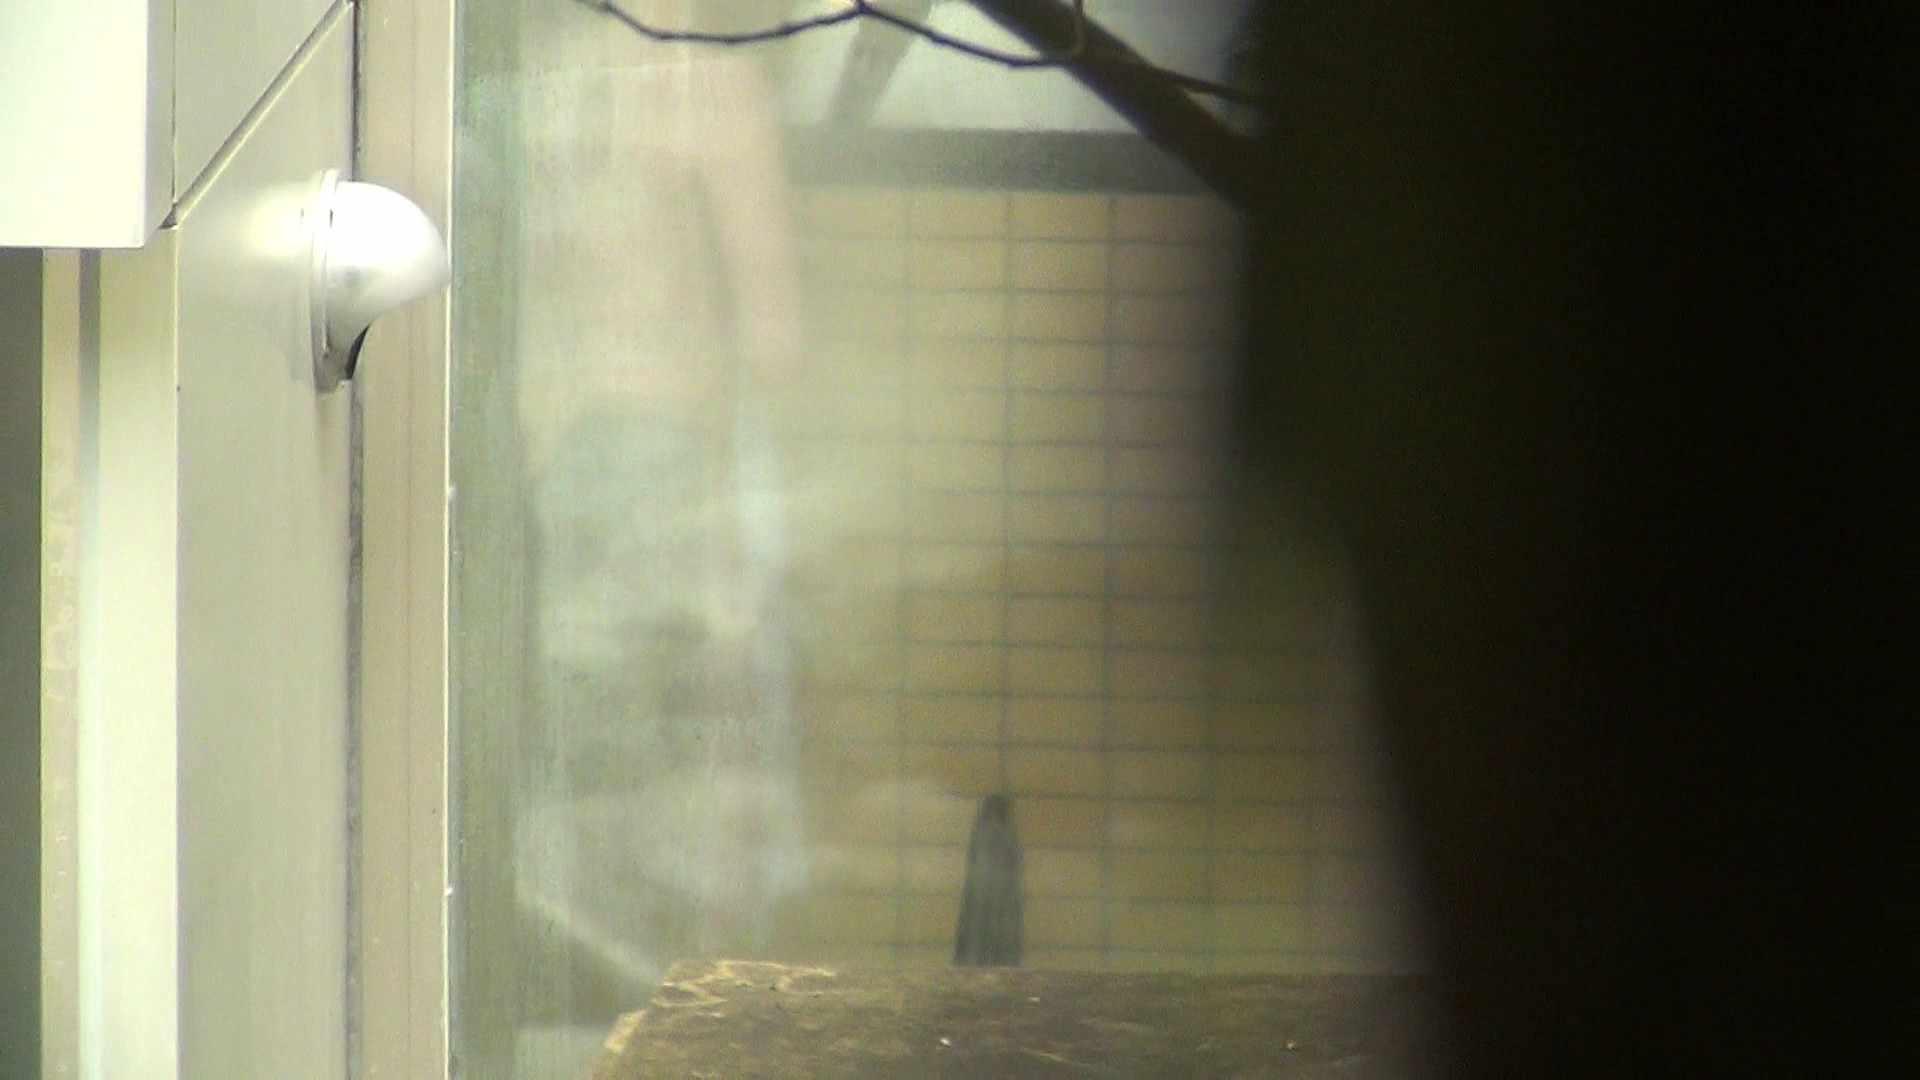 Aquaな露天風呂Vol.299 盗撮シリーズ  82PIX 18